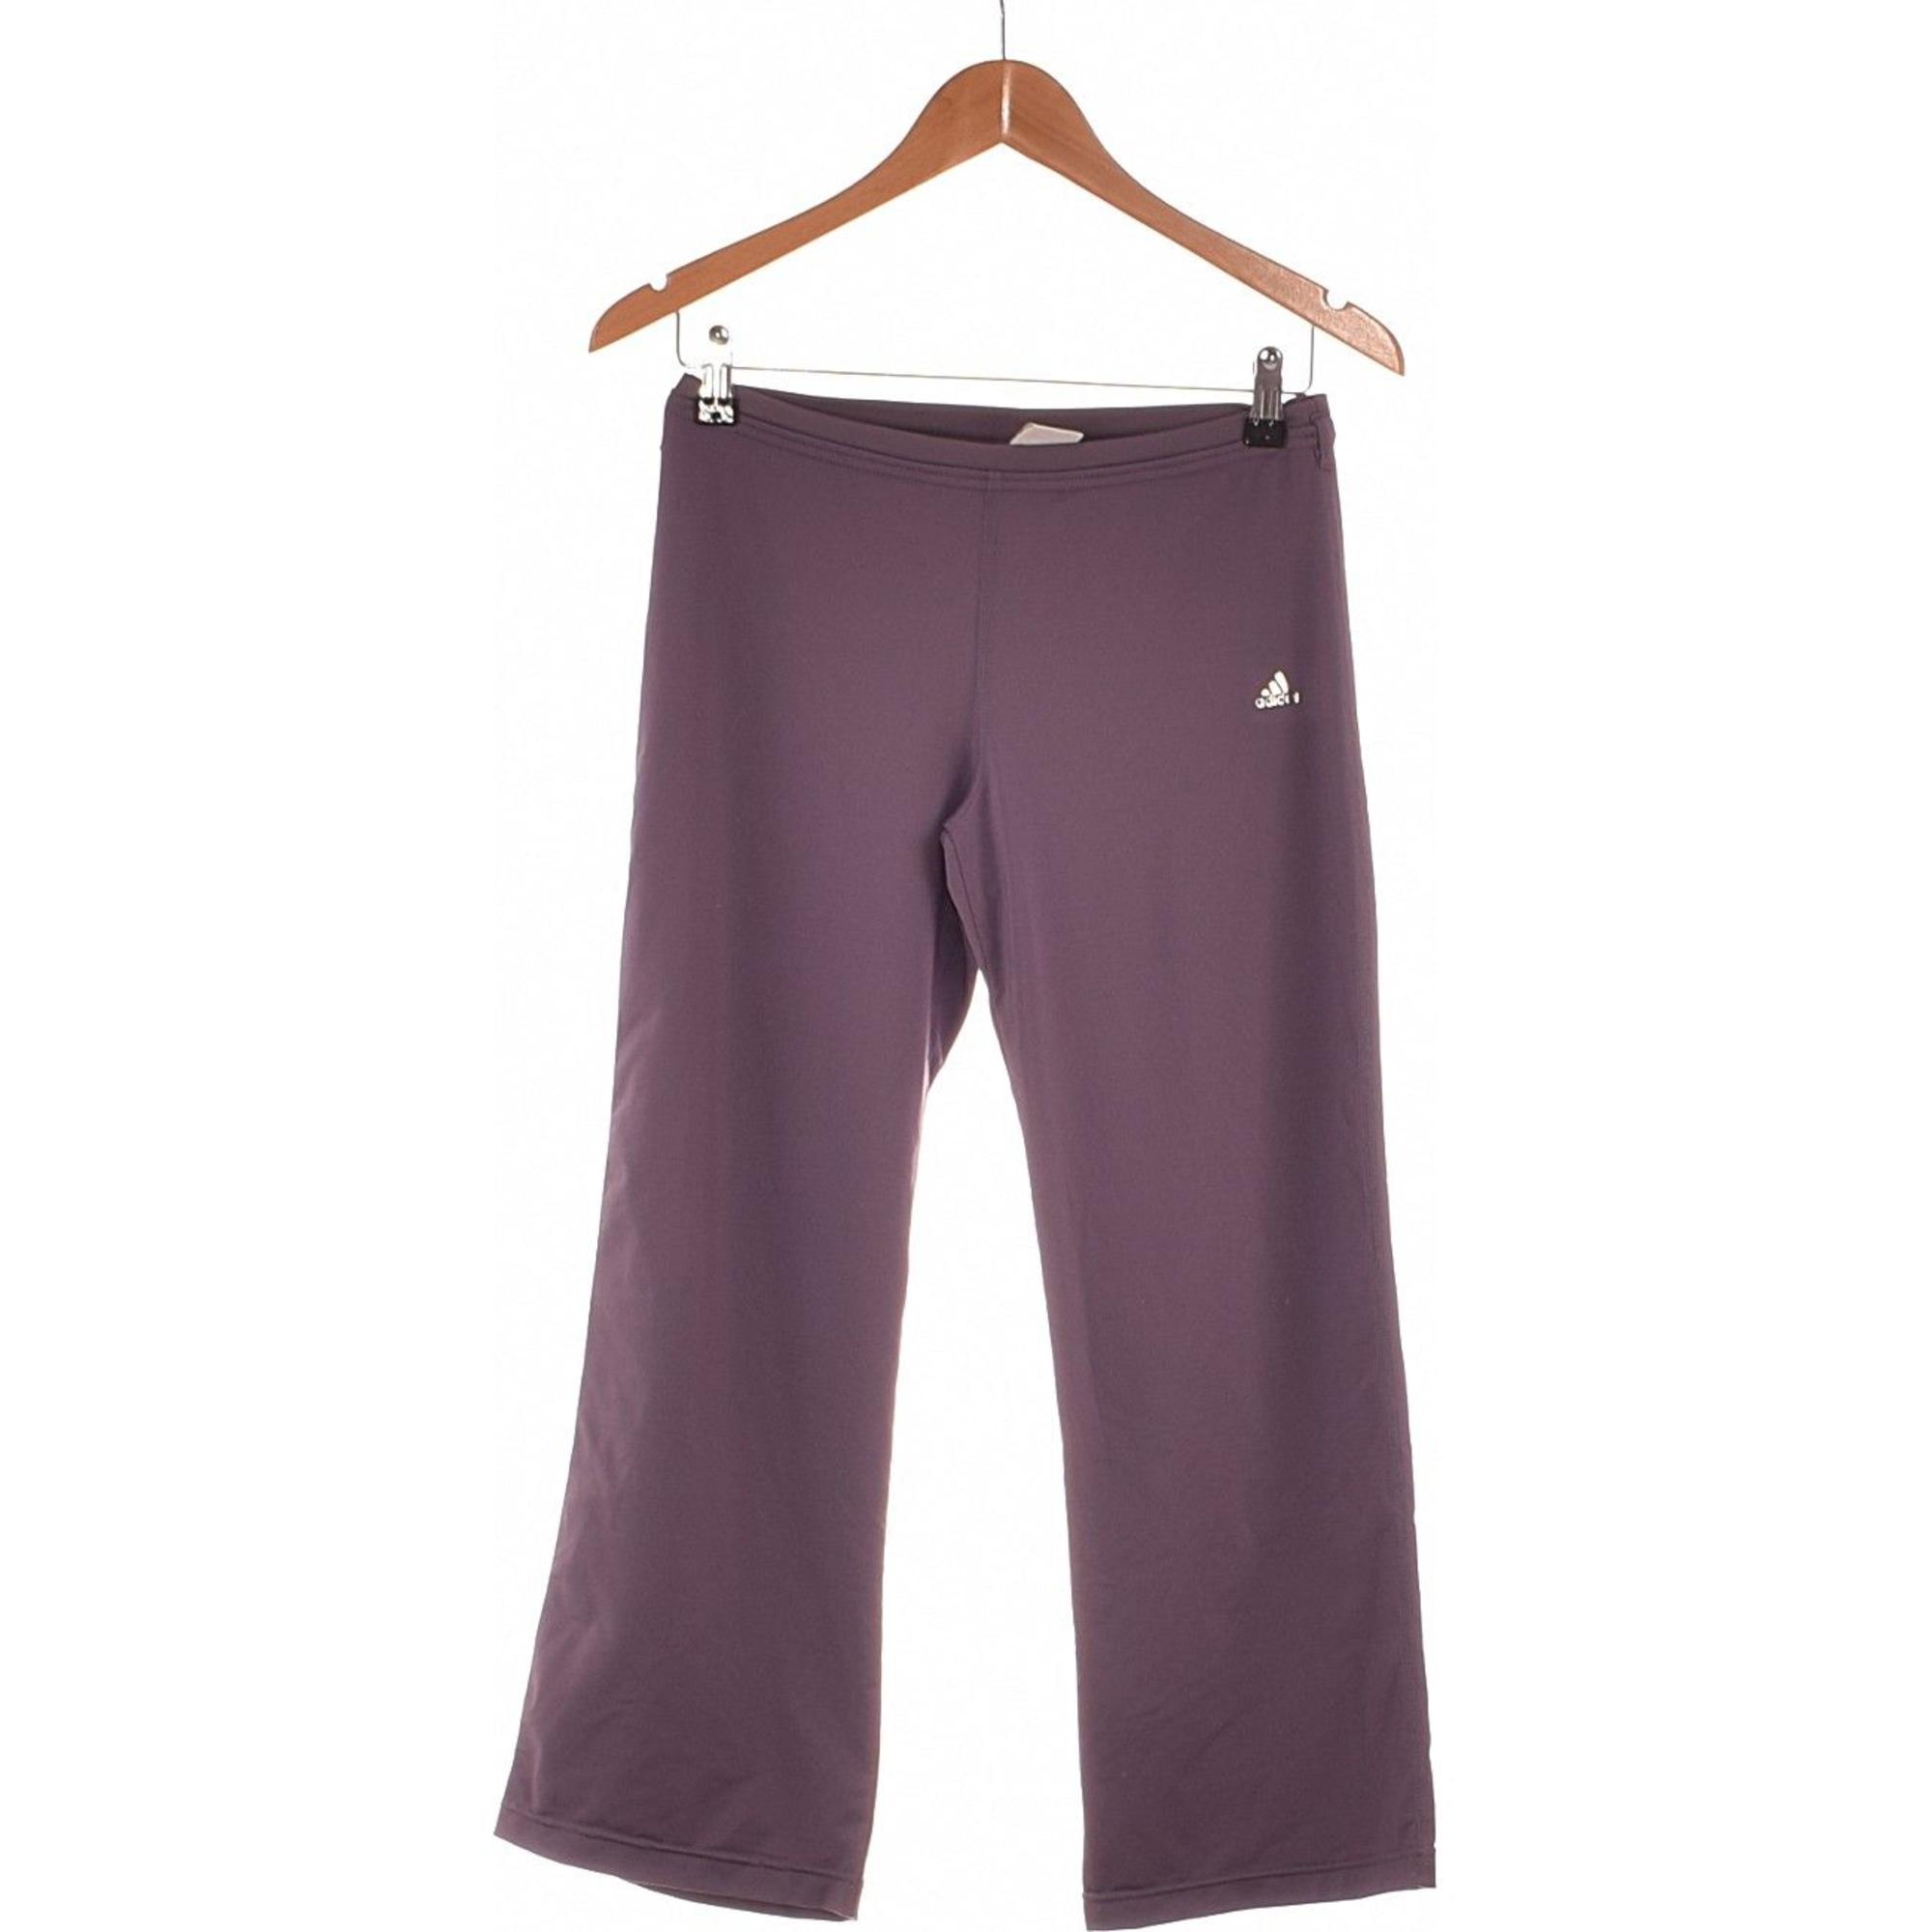 Pantalone dritto ADIDAS Viola, lilla, lavanda